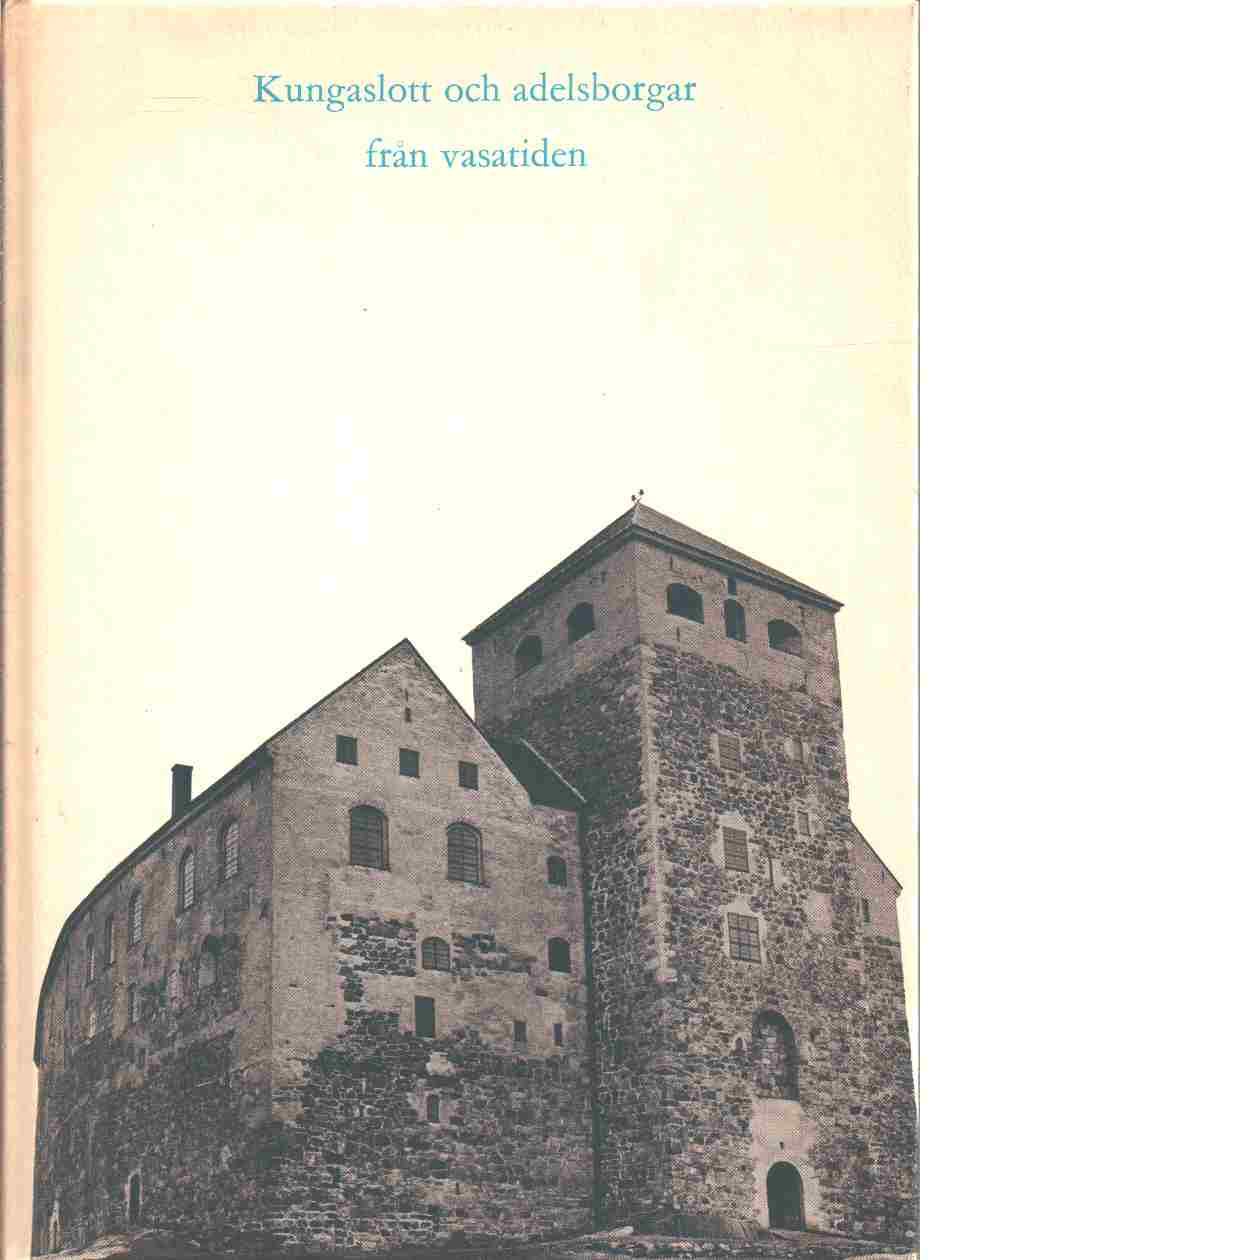 Kungaslott och adelsborgar från vasatiden - Åberg, Alf och Terje, Ola